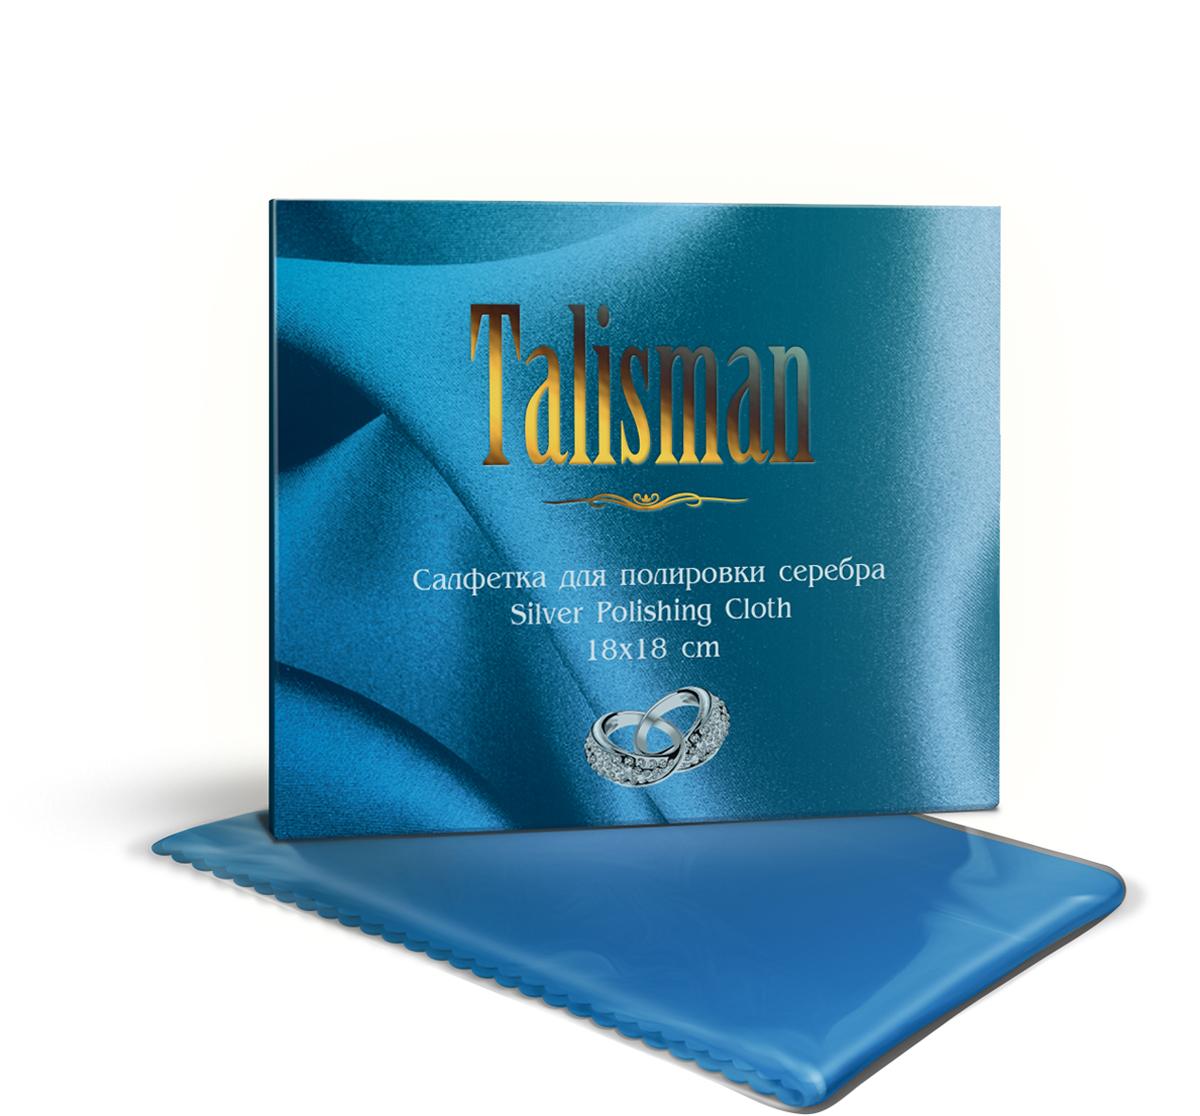 Салфетка для полировки серебра Talisman, 18 x 18 смТ243214Салфетка для полировки и придания зеркального блеска ювелирным украшениям из серебра. Проста и удобна в применении.